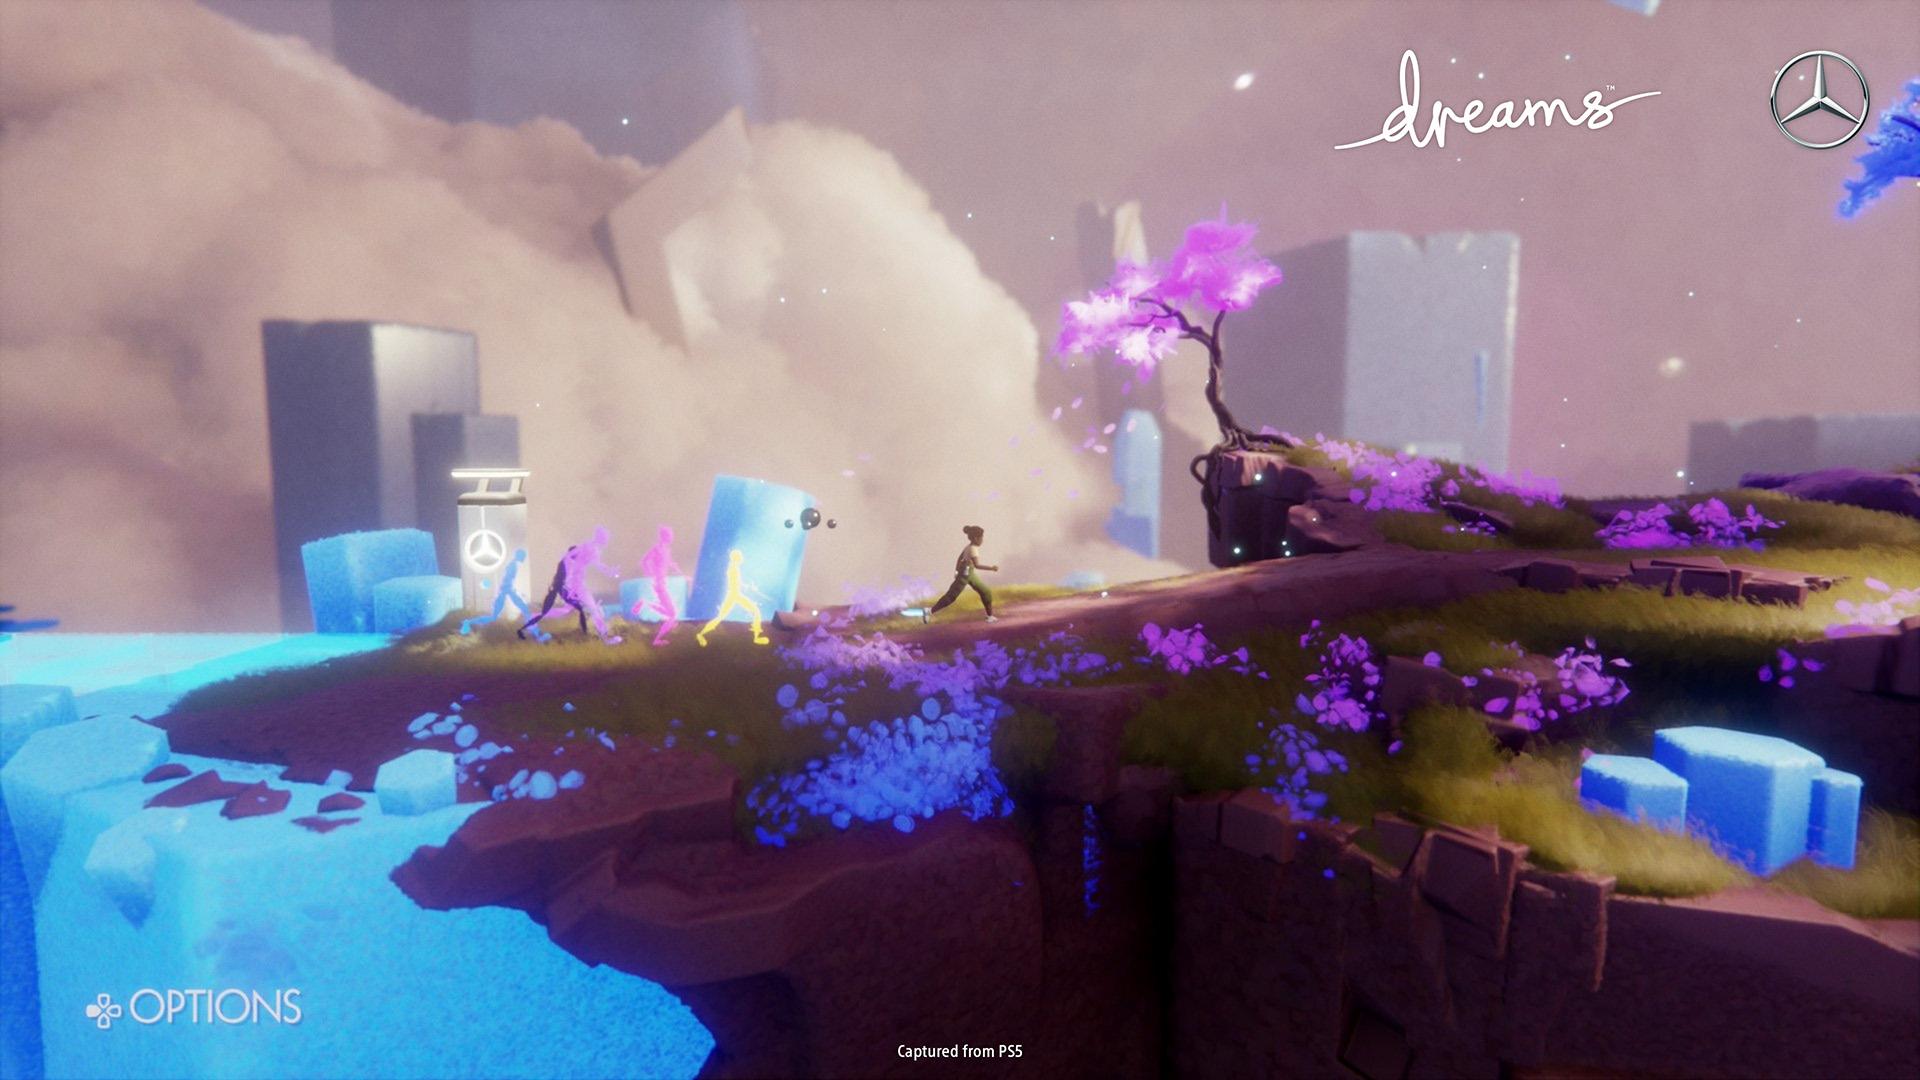 Une capture d'écran d'Eshe, le personnage principal de la collaboration Dreams et Mercedes-Benz, qui marche avec des personnages derrière elle.